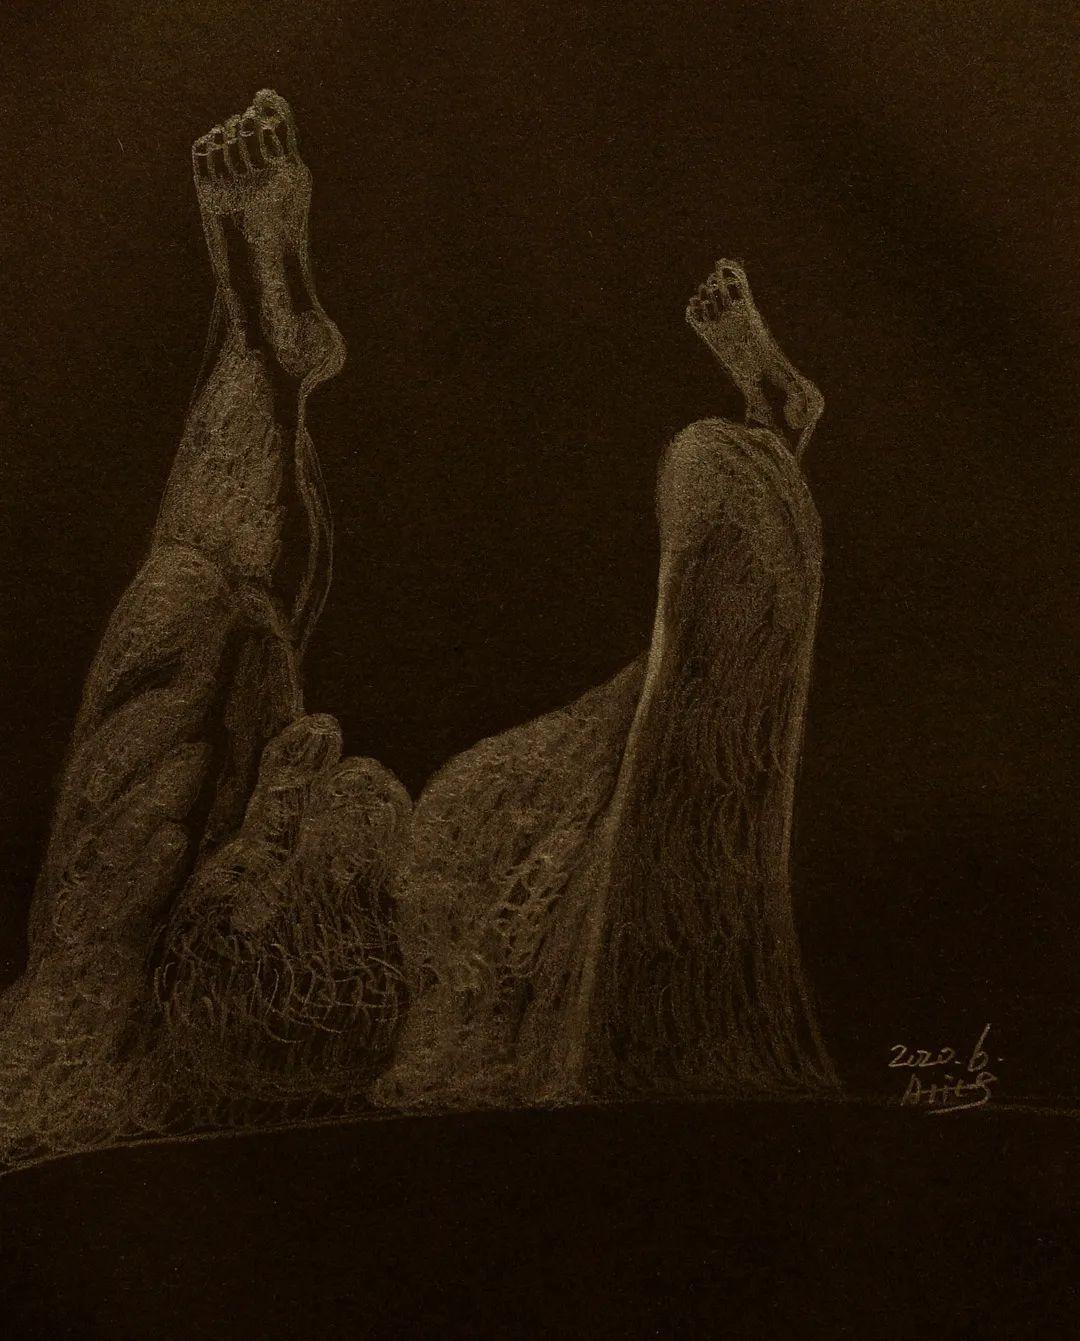 中国当代绘画艺术展作品欣赏之 肖梦插图1